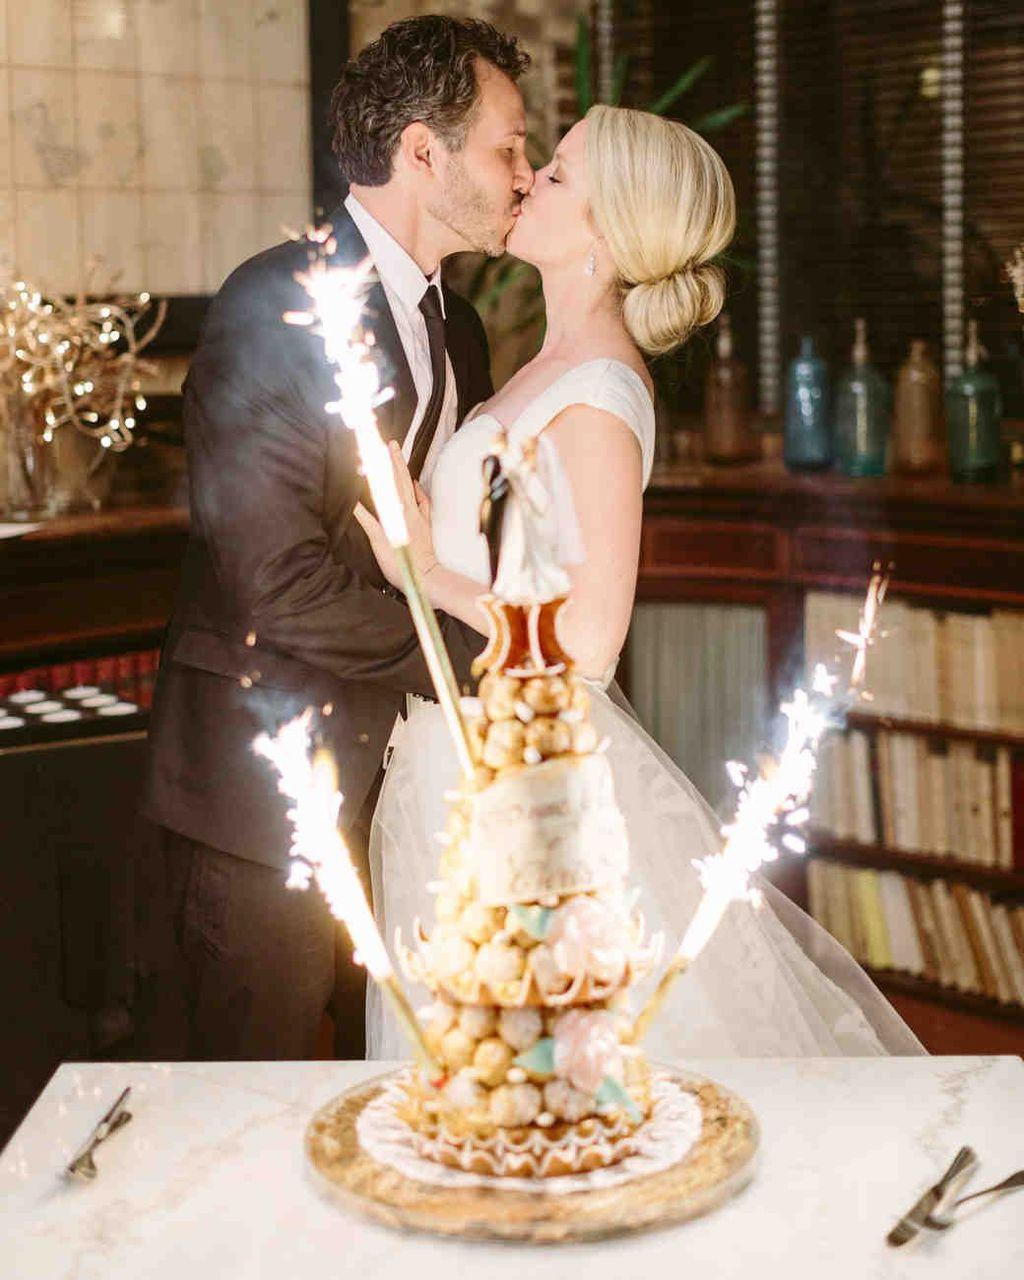 Sparklers For Wedding.Wedding Cake Sparklers